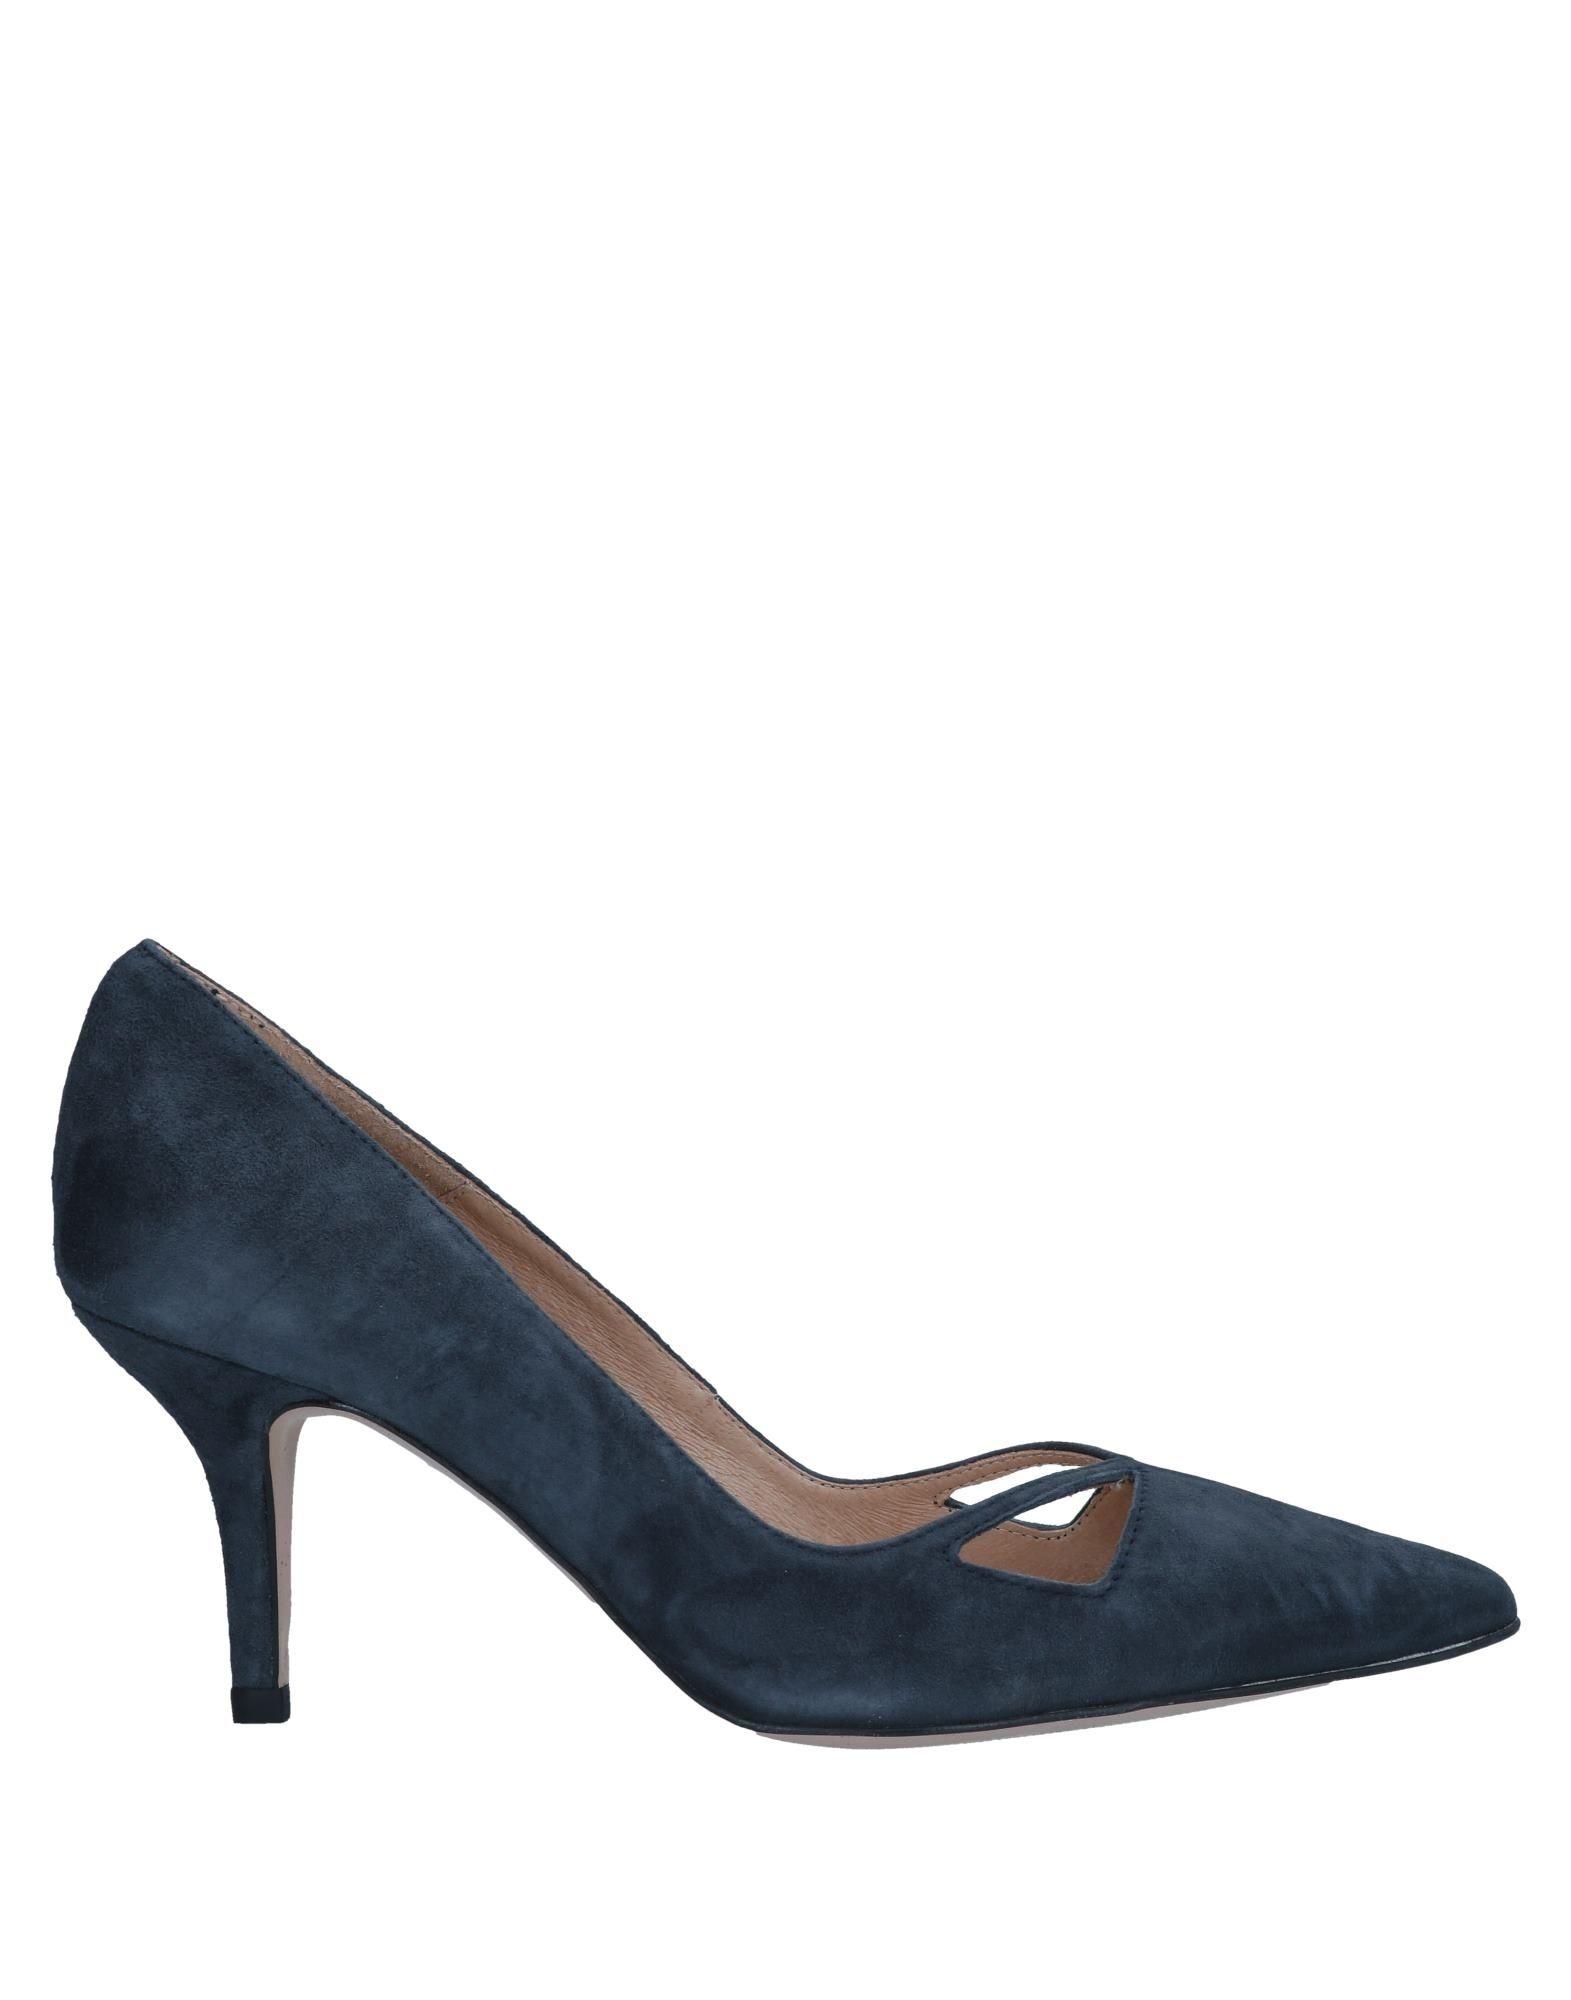 Hannibal Laguna Pumps Damen  11543623KC Gute Qualität beliebte Schuhe